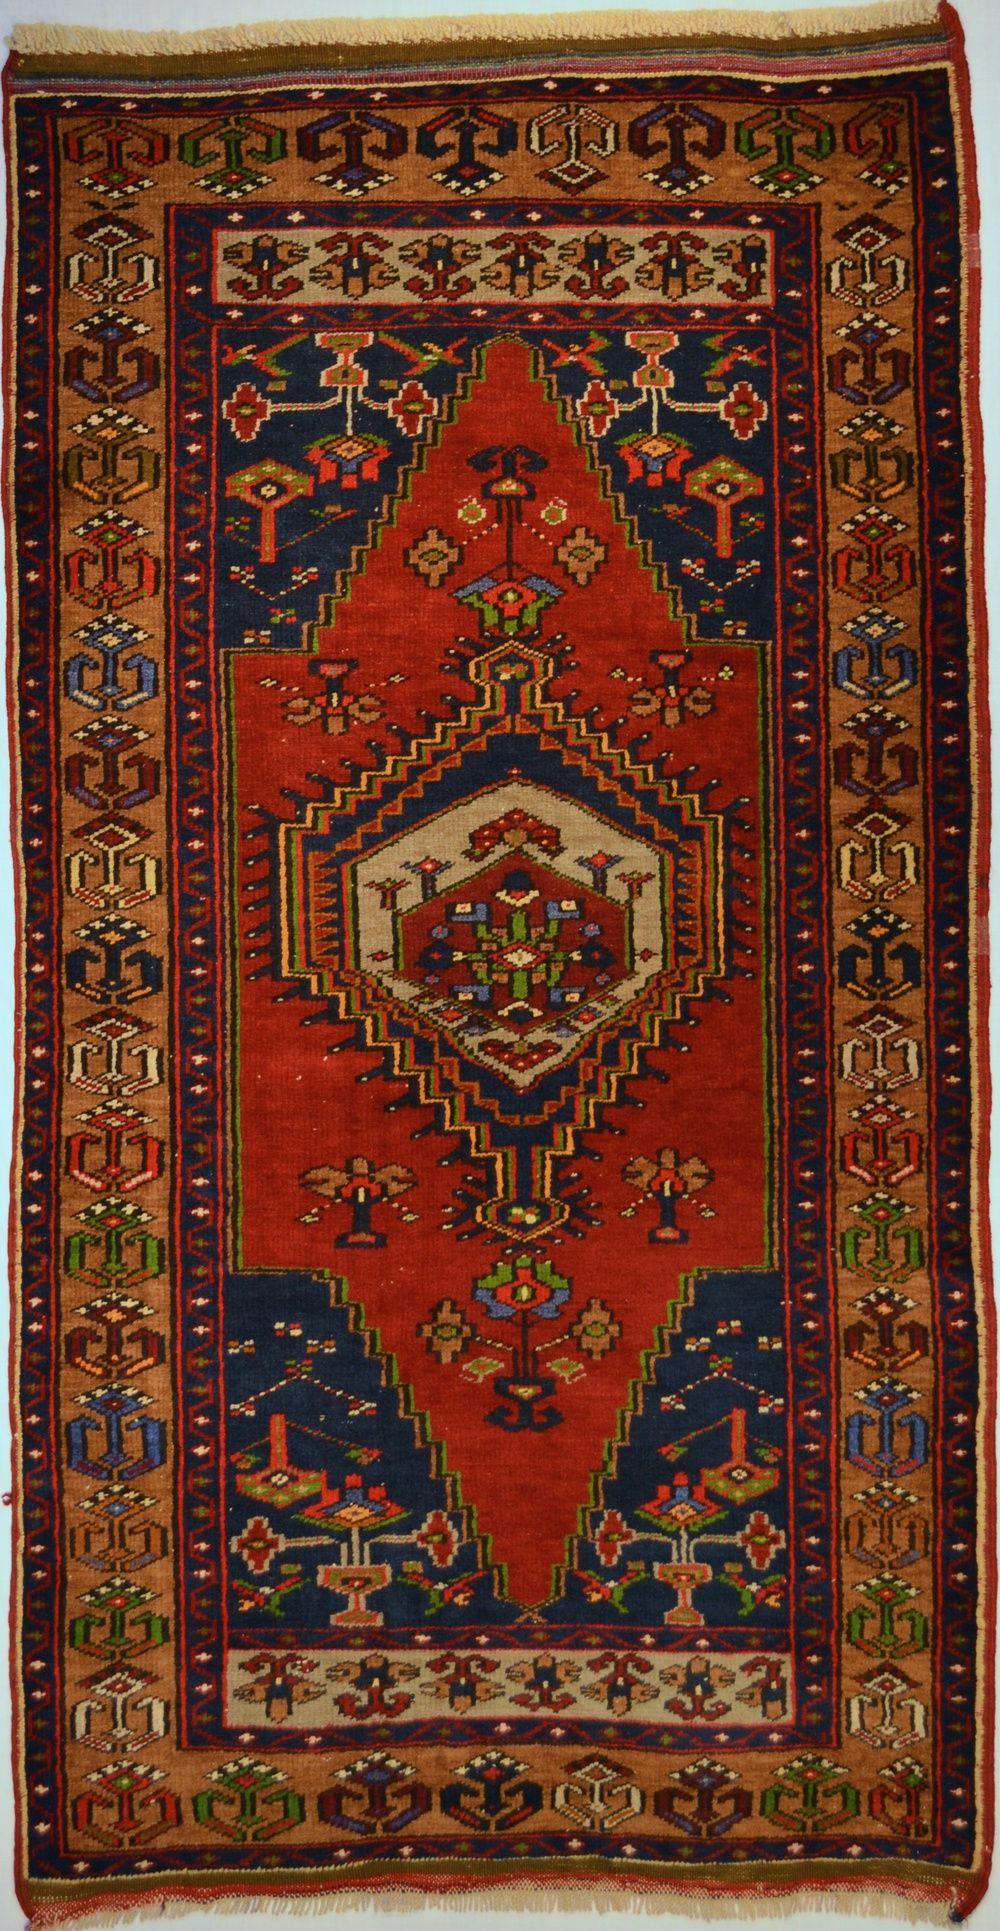 Yahyali Rug Chicago Rugs Kilims Rugs On Carpet Carpet Runner Plush Carpet